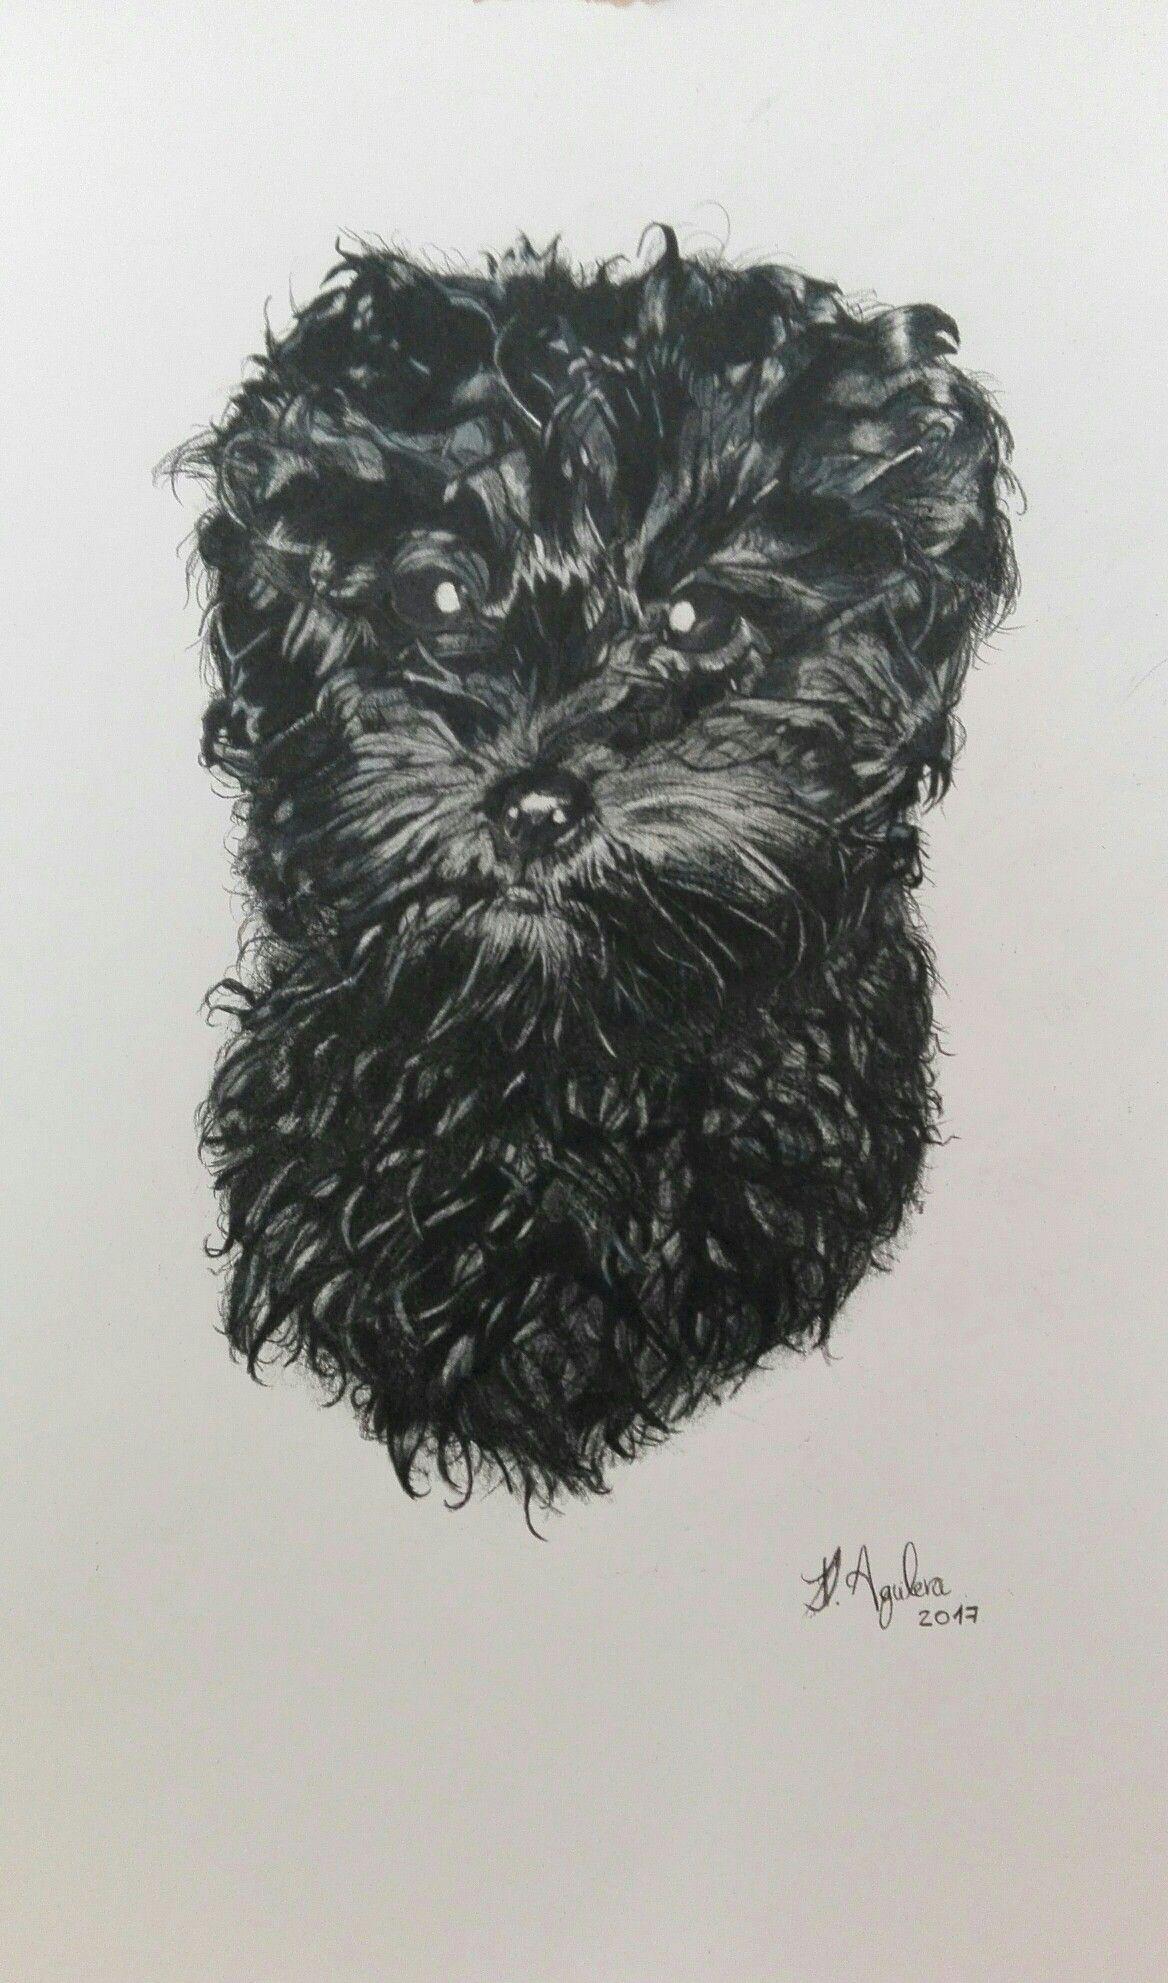 Dibujo Caniche Lapices Colores Pintura Perro Dibujos De Perros Dibujo Madre E Hija